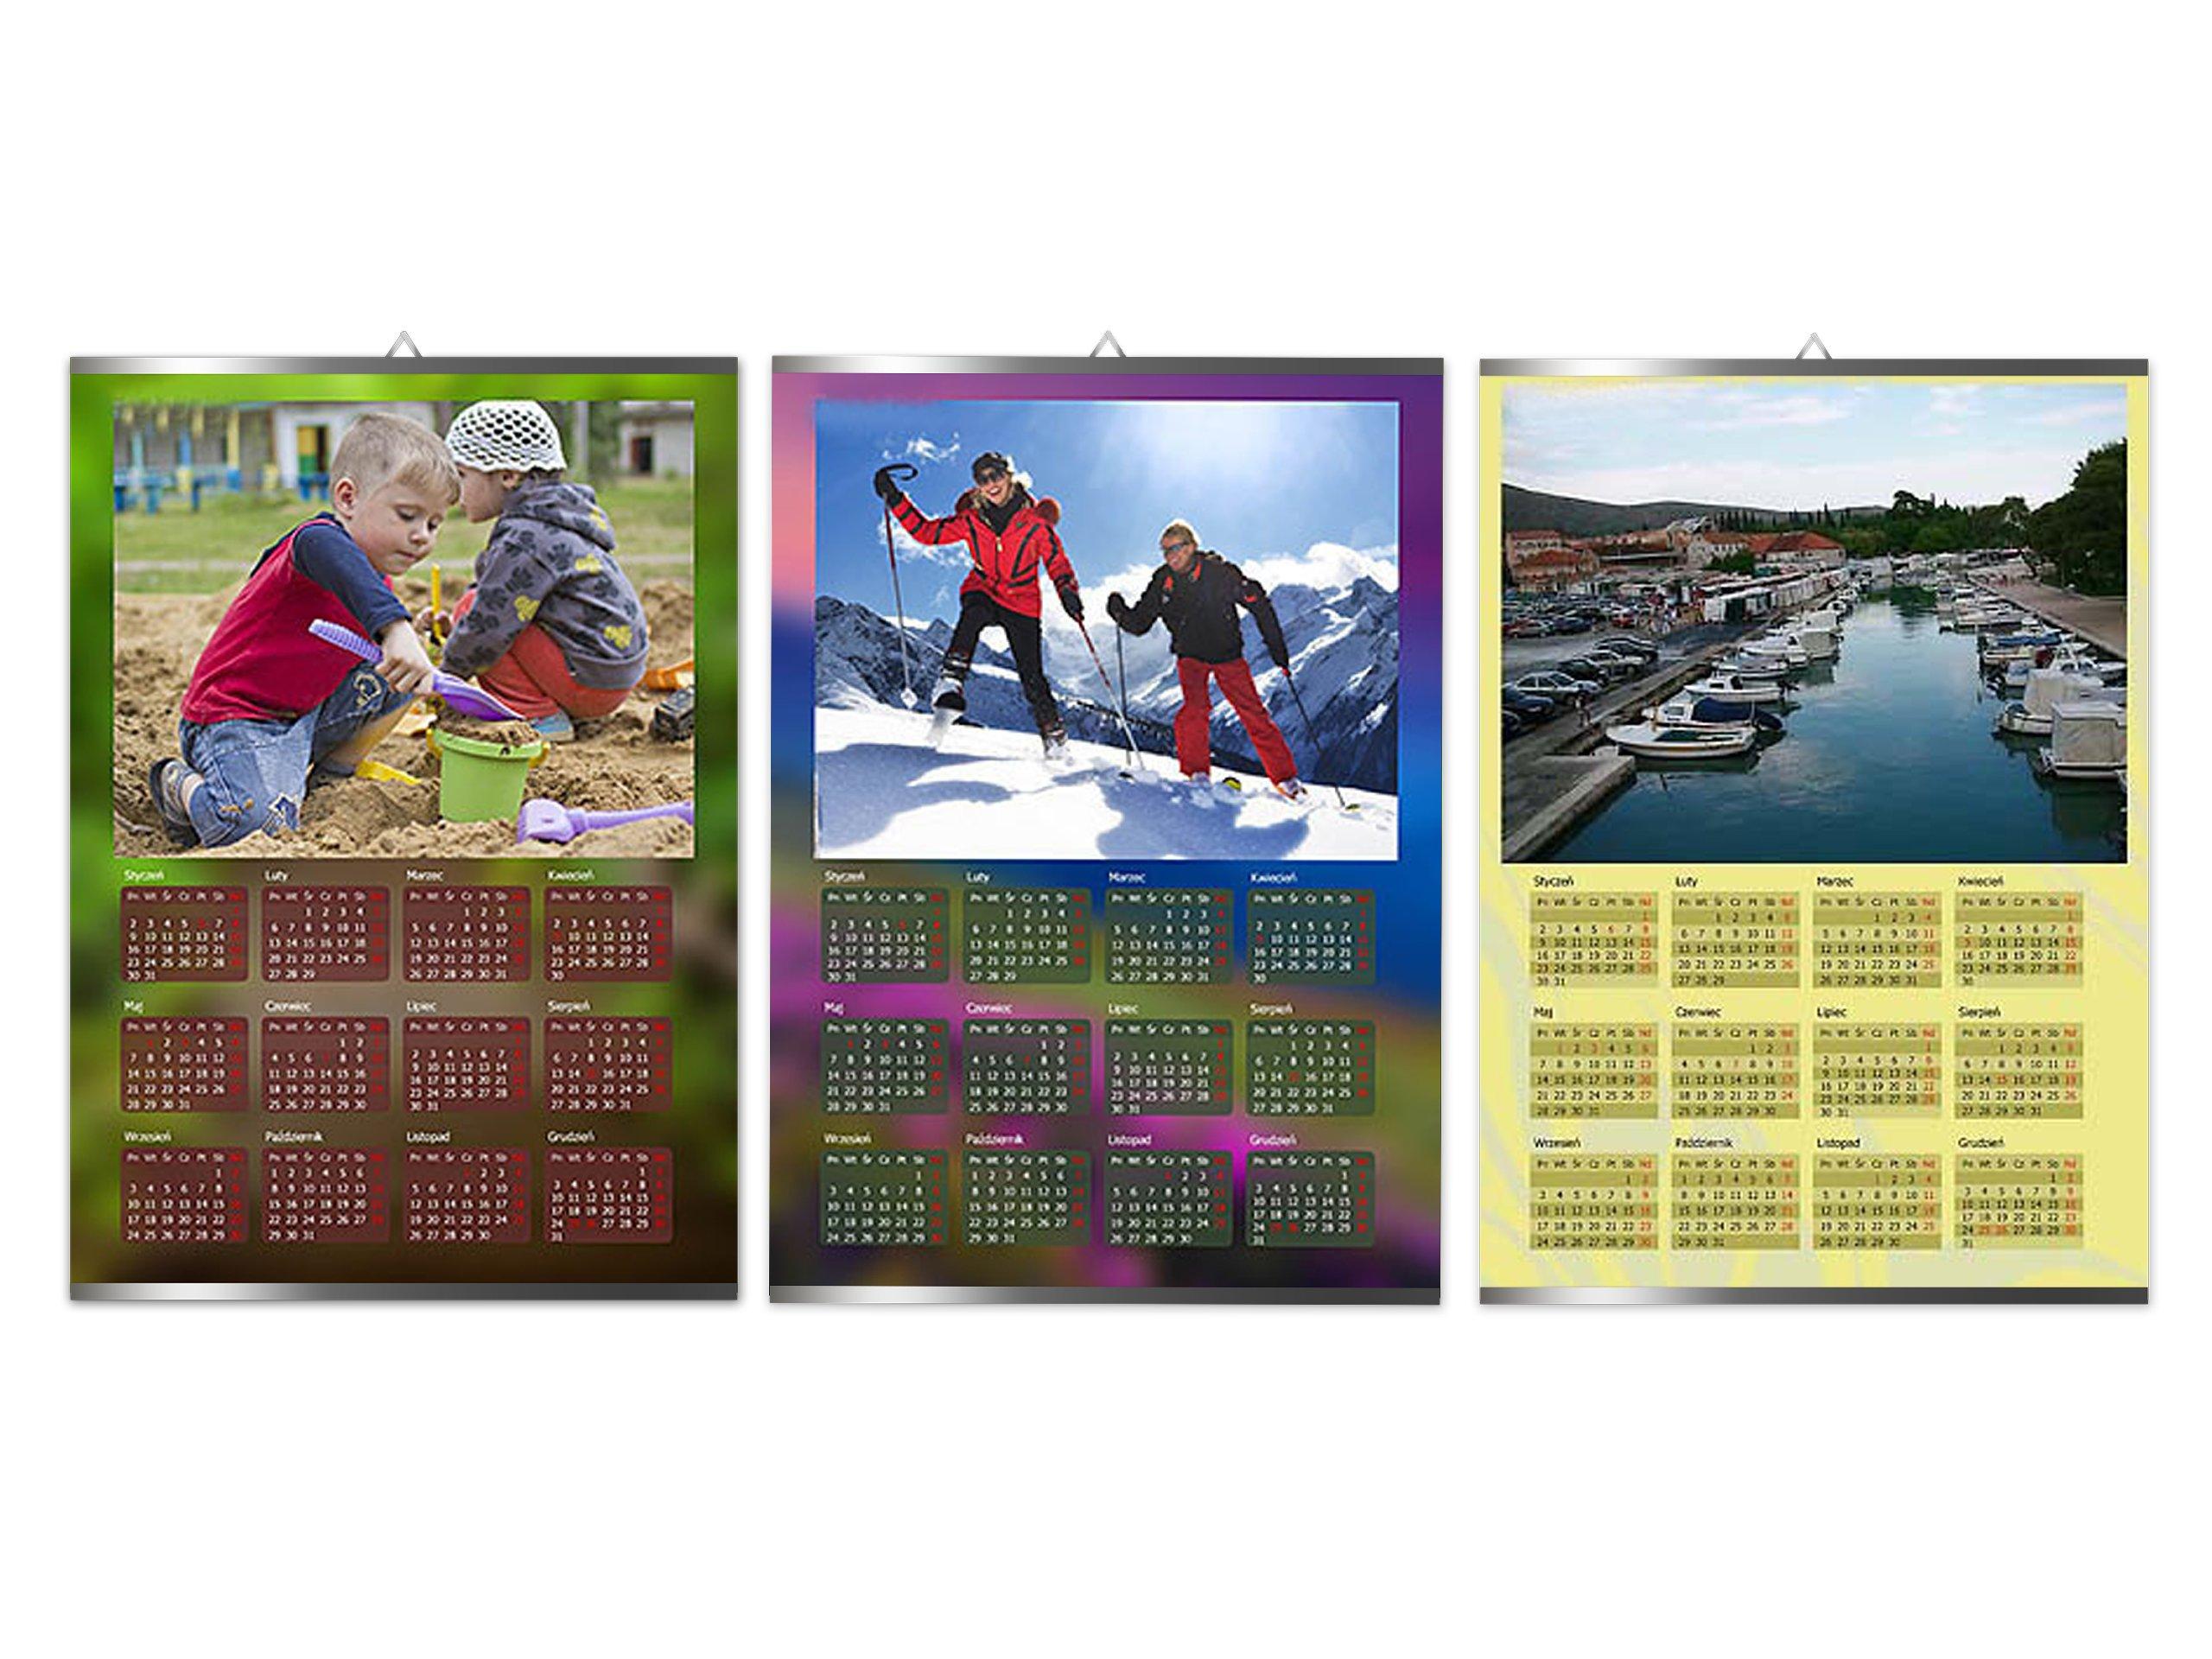 3x Foto Kalendarz A3 Plakatowy Jednostronny 28 Zl Allegro Pl Raty 0 Darmowa Dostawa Ze Smart Gorzow Wielkopolski Stan Nowy Id Oferty 6588996512